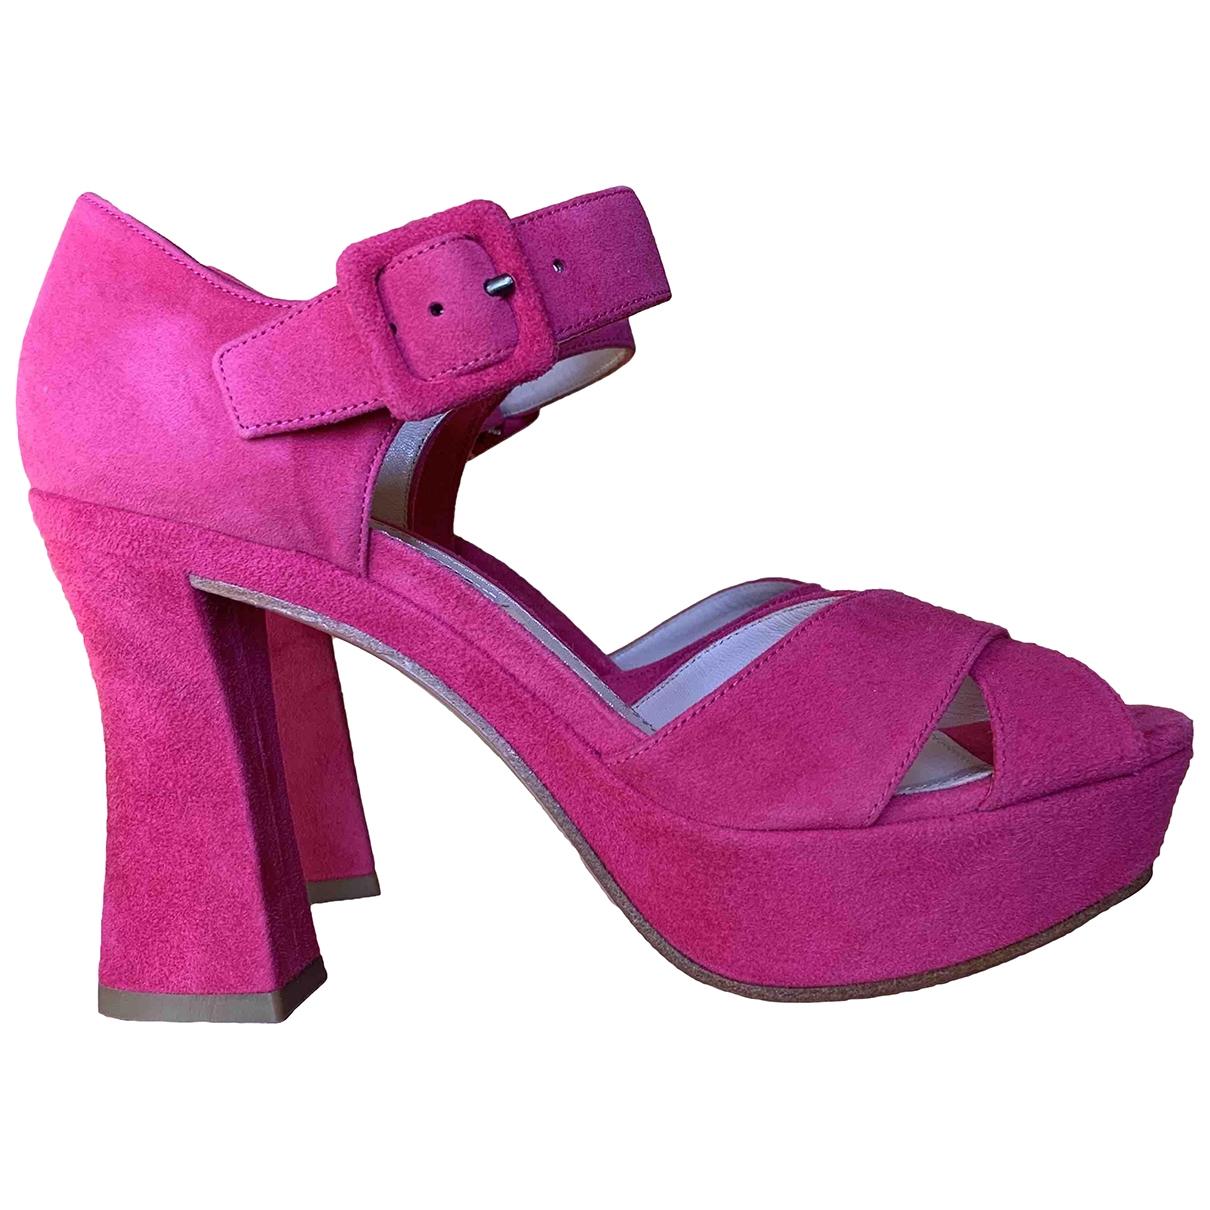 Miu Miu \N Pink Suede Heels for Women 36 IT